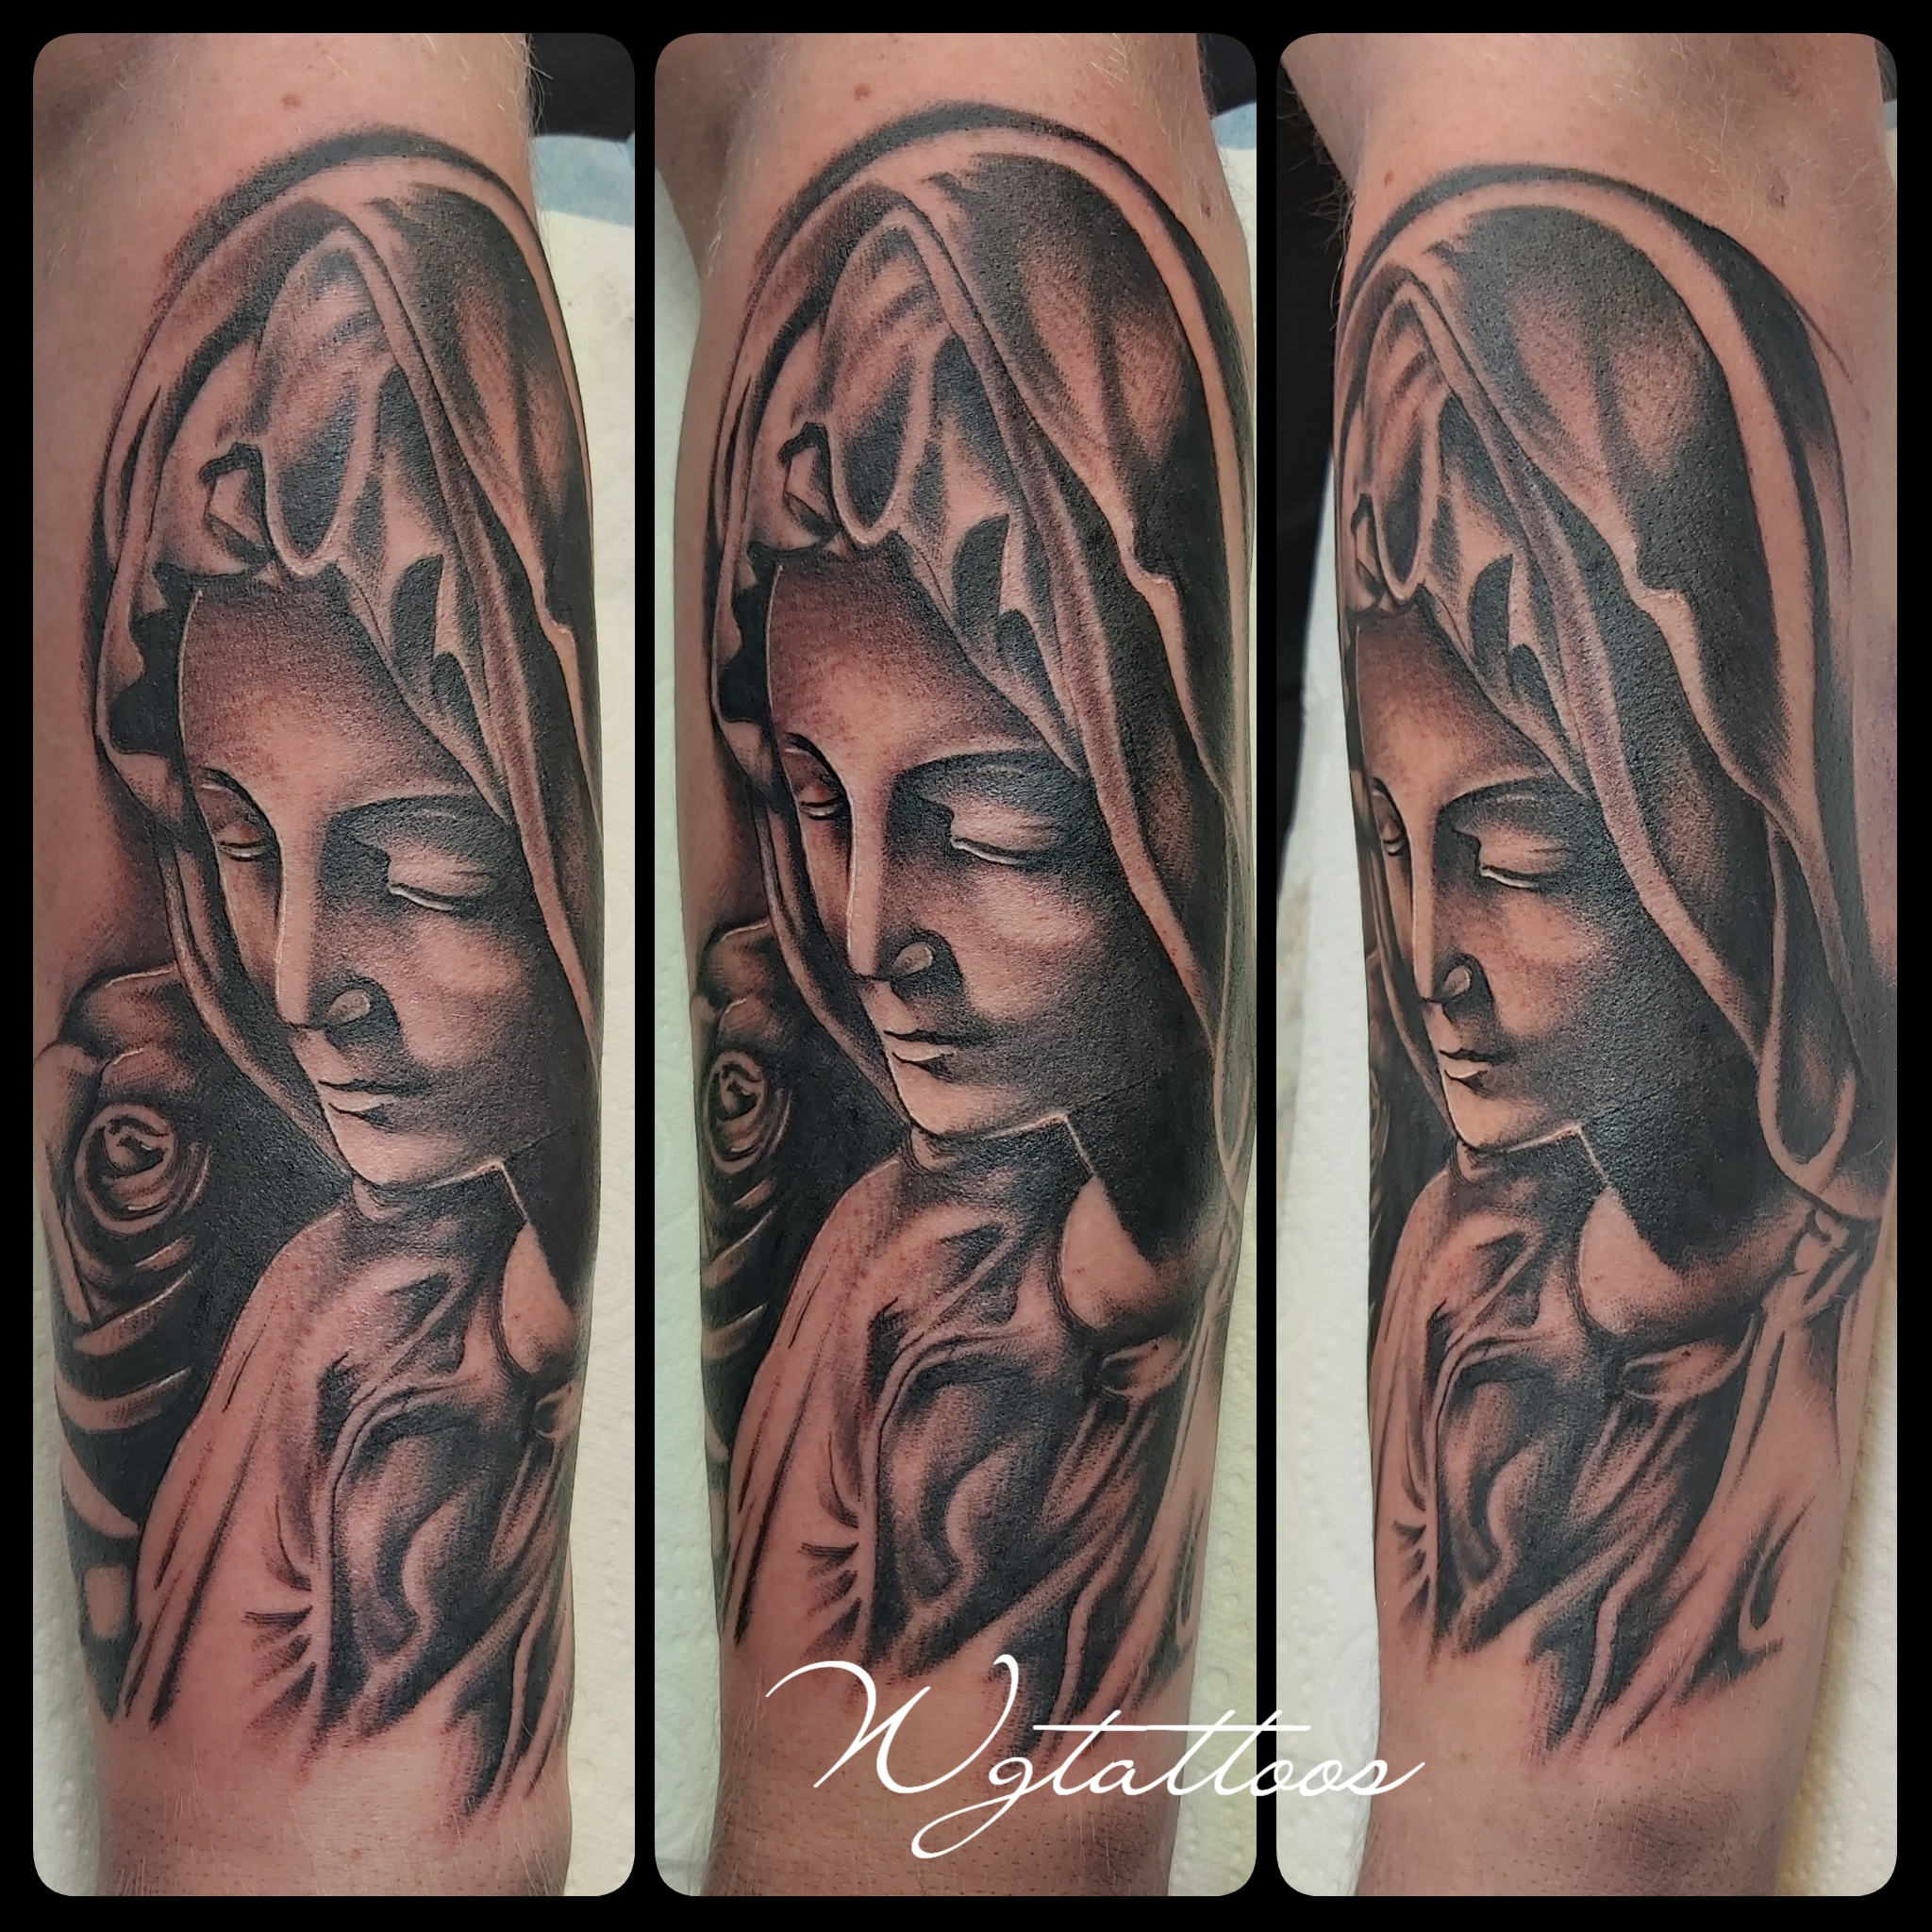 religous tattoo